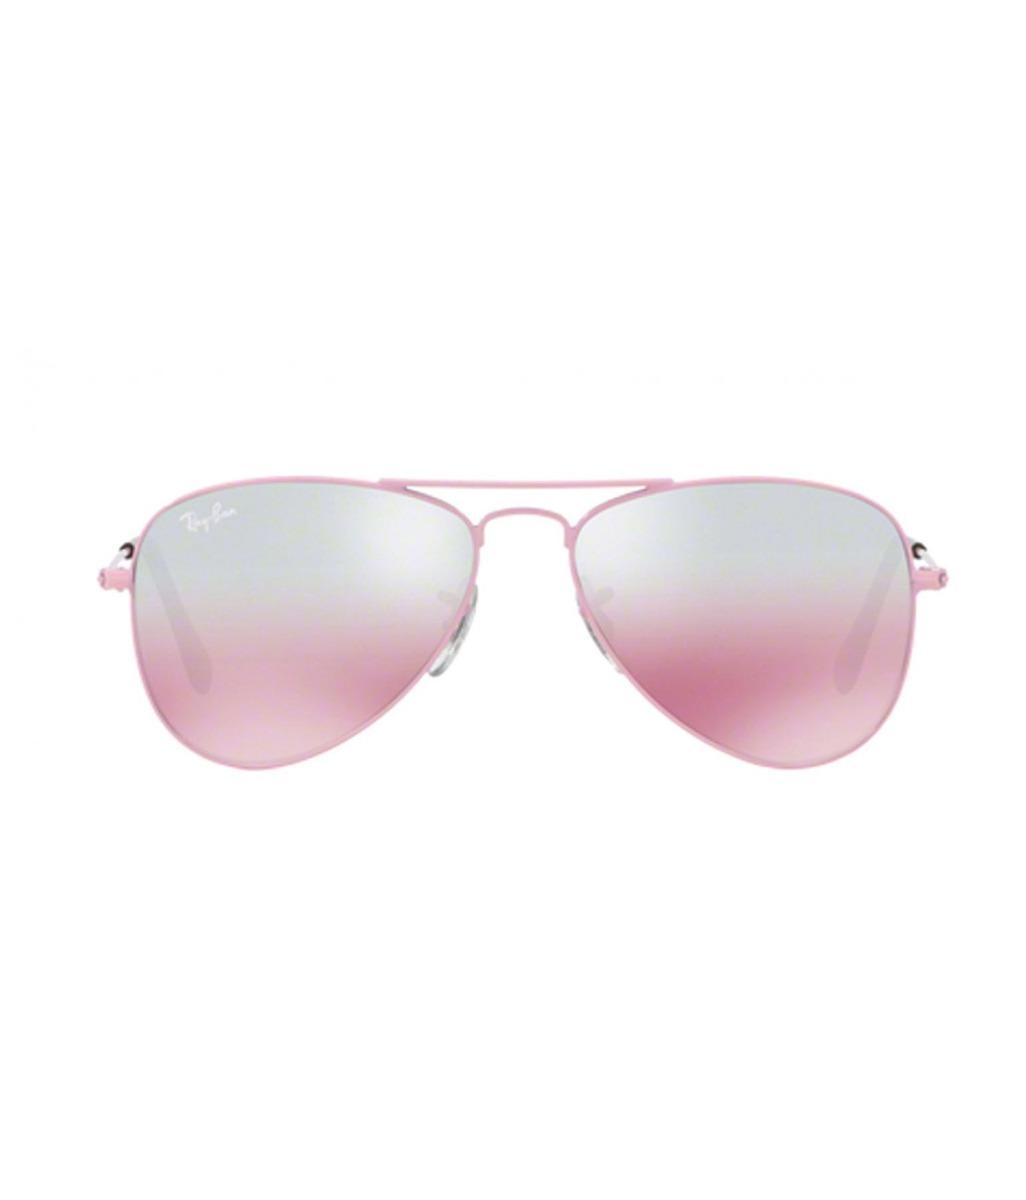 62c2e474a7153 ... para niños ray ban junior rb 0rj9506s2117e rosa. Cargando zoom... gafas  sol ray ban. Cargando zoom.